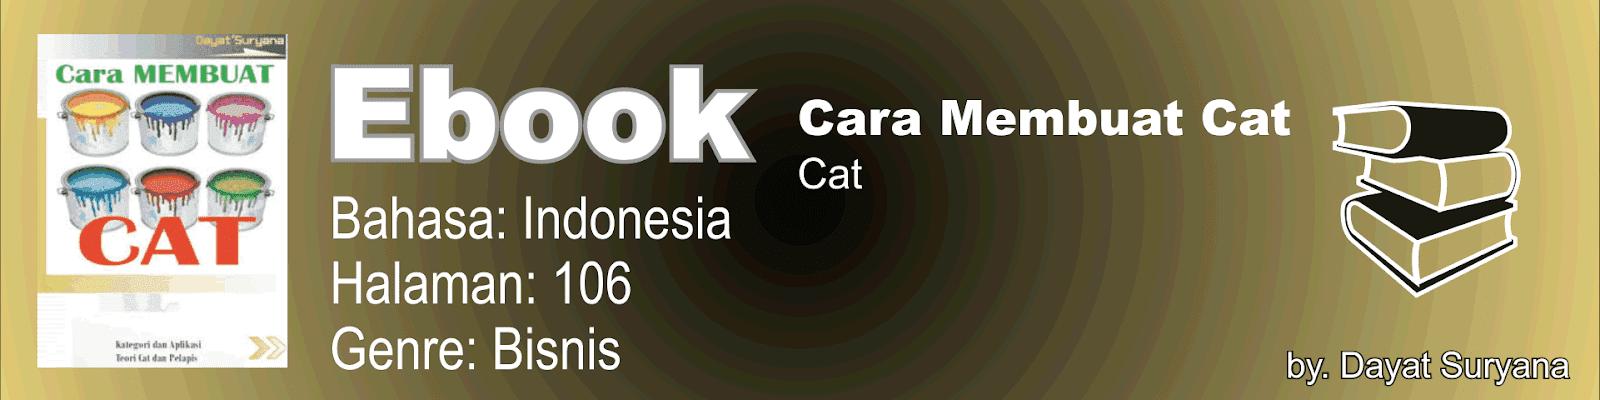 Buku Cara Membuat Cat